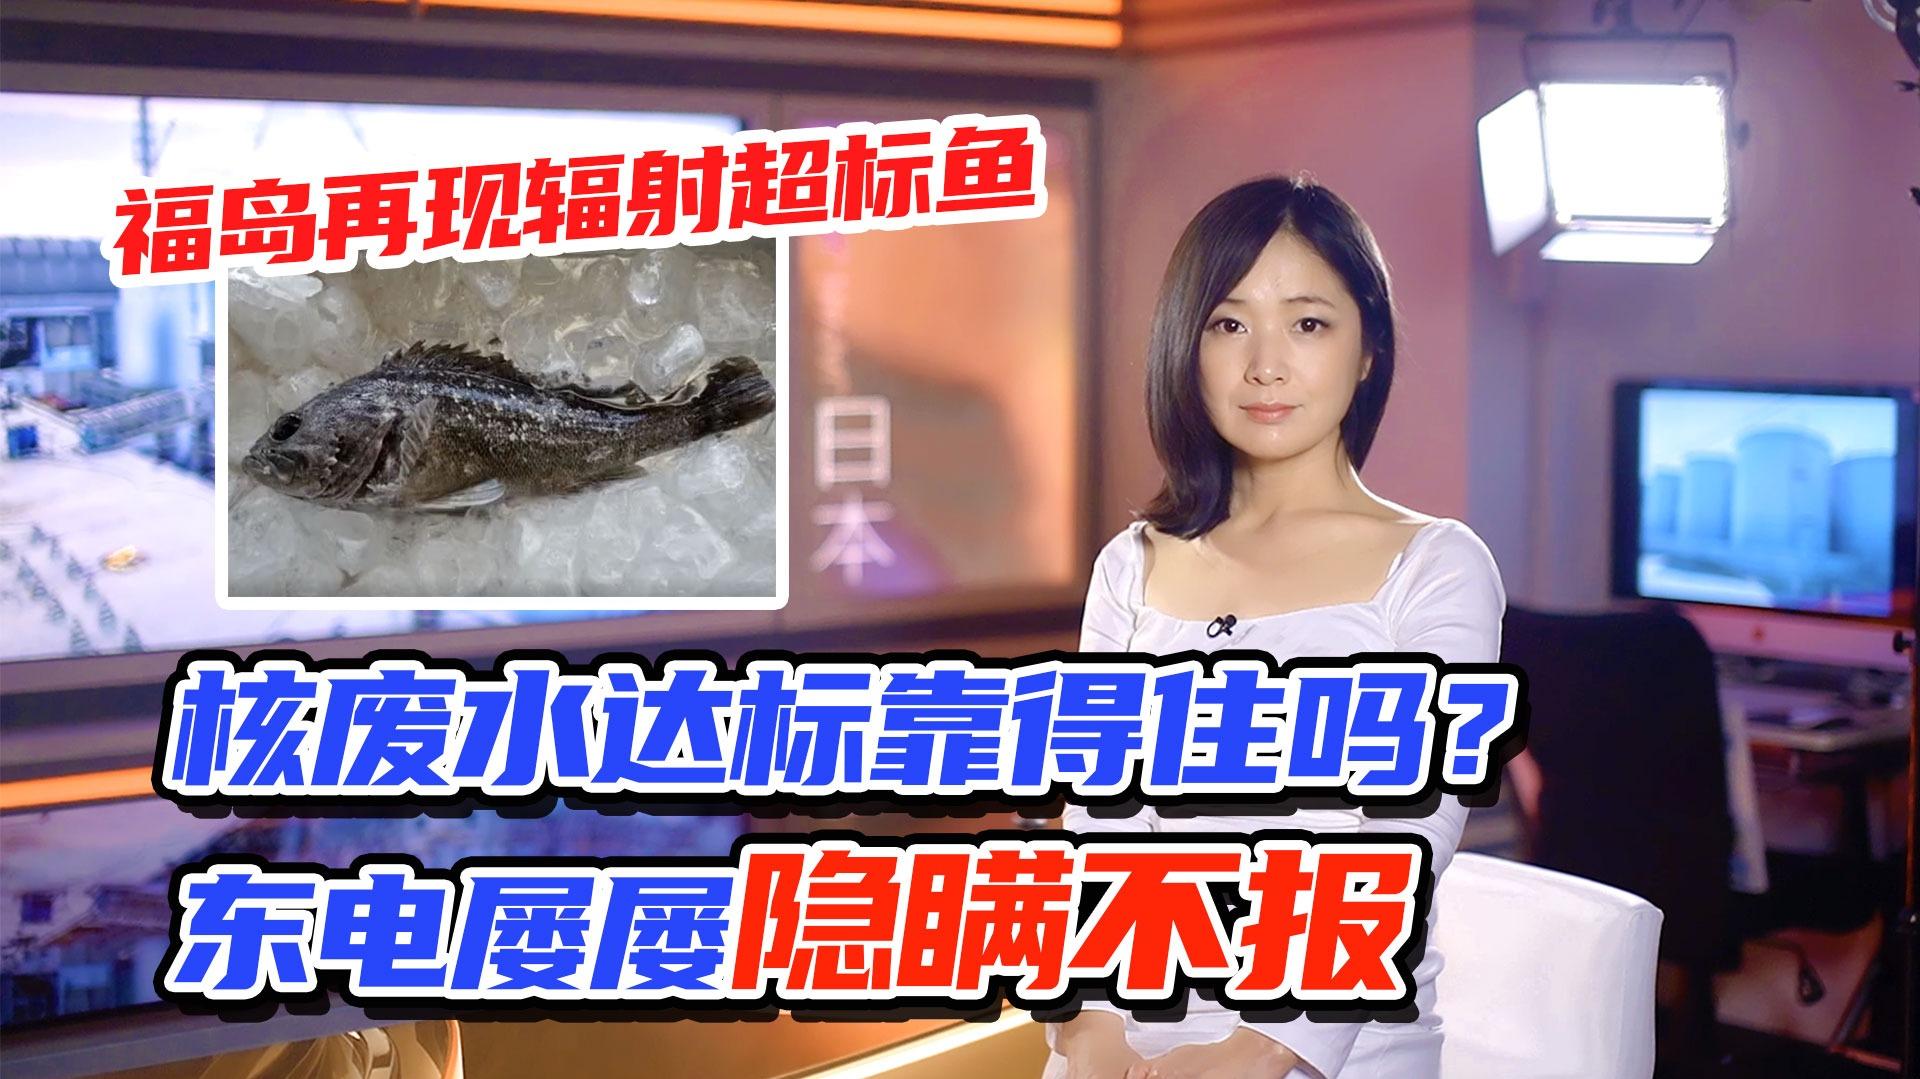 李淼的日本观察114:福岛再现辐射超标鱼 核废水达标靠得住吗?